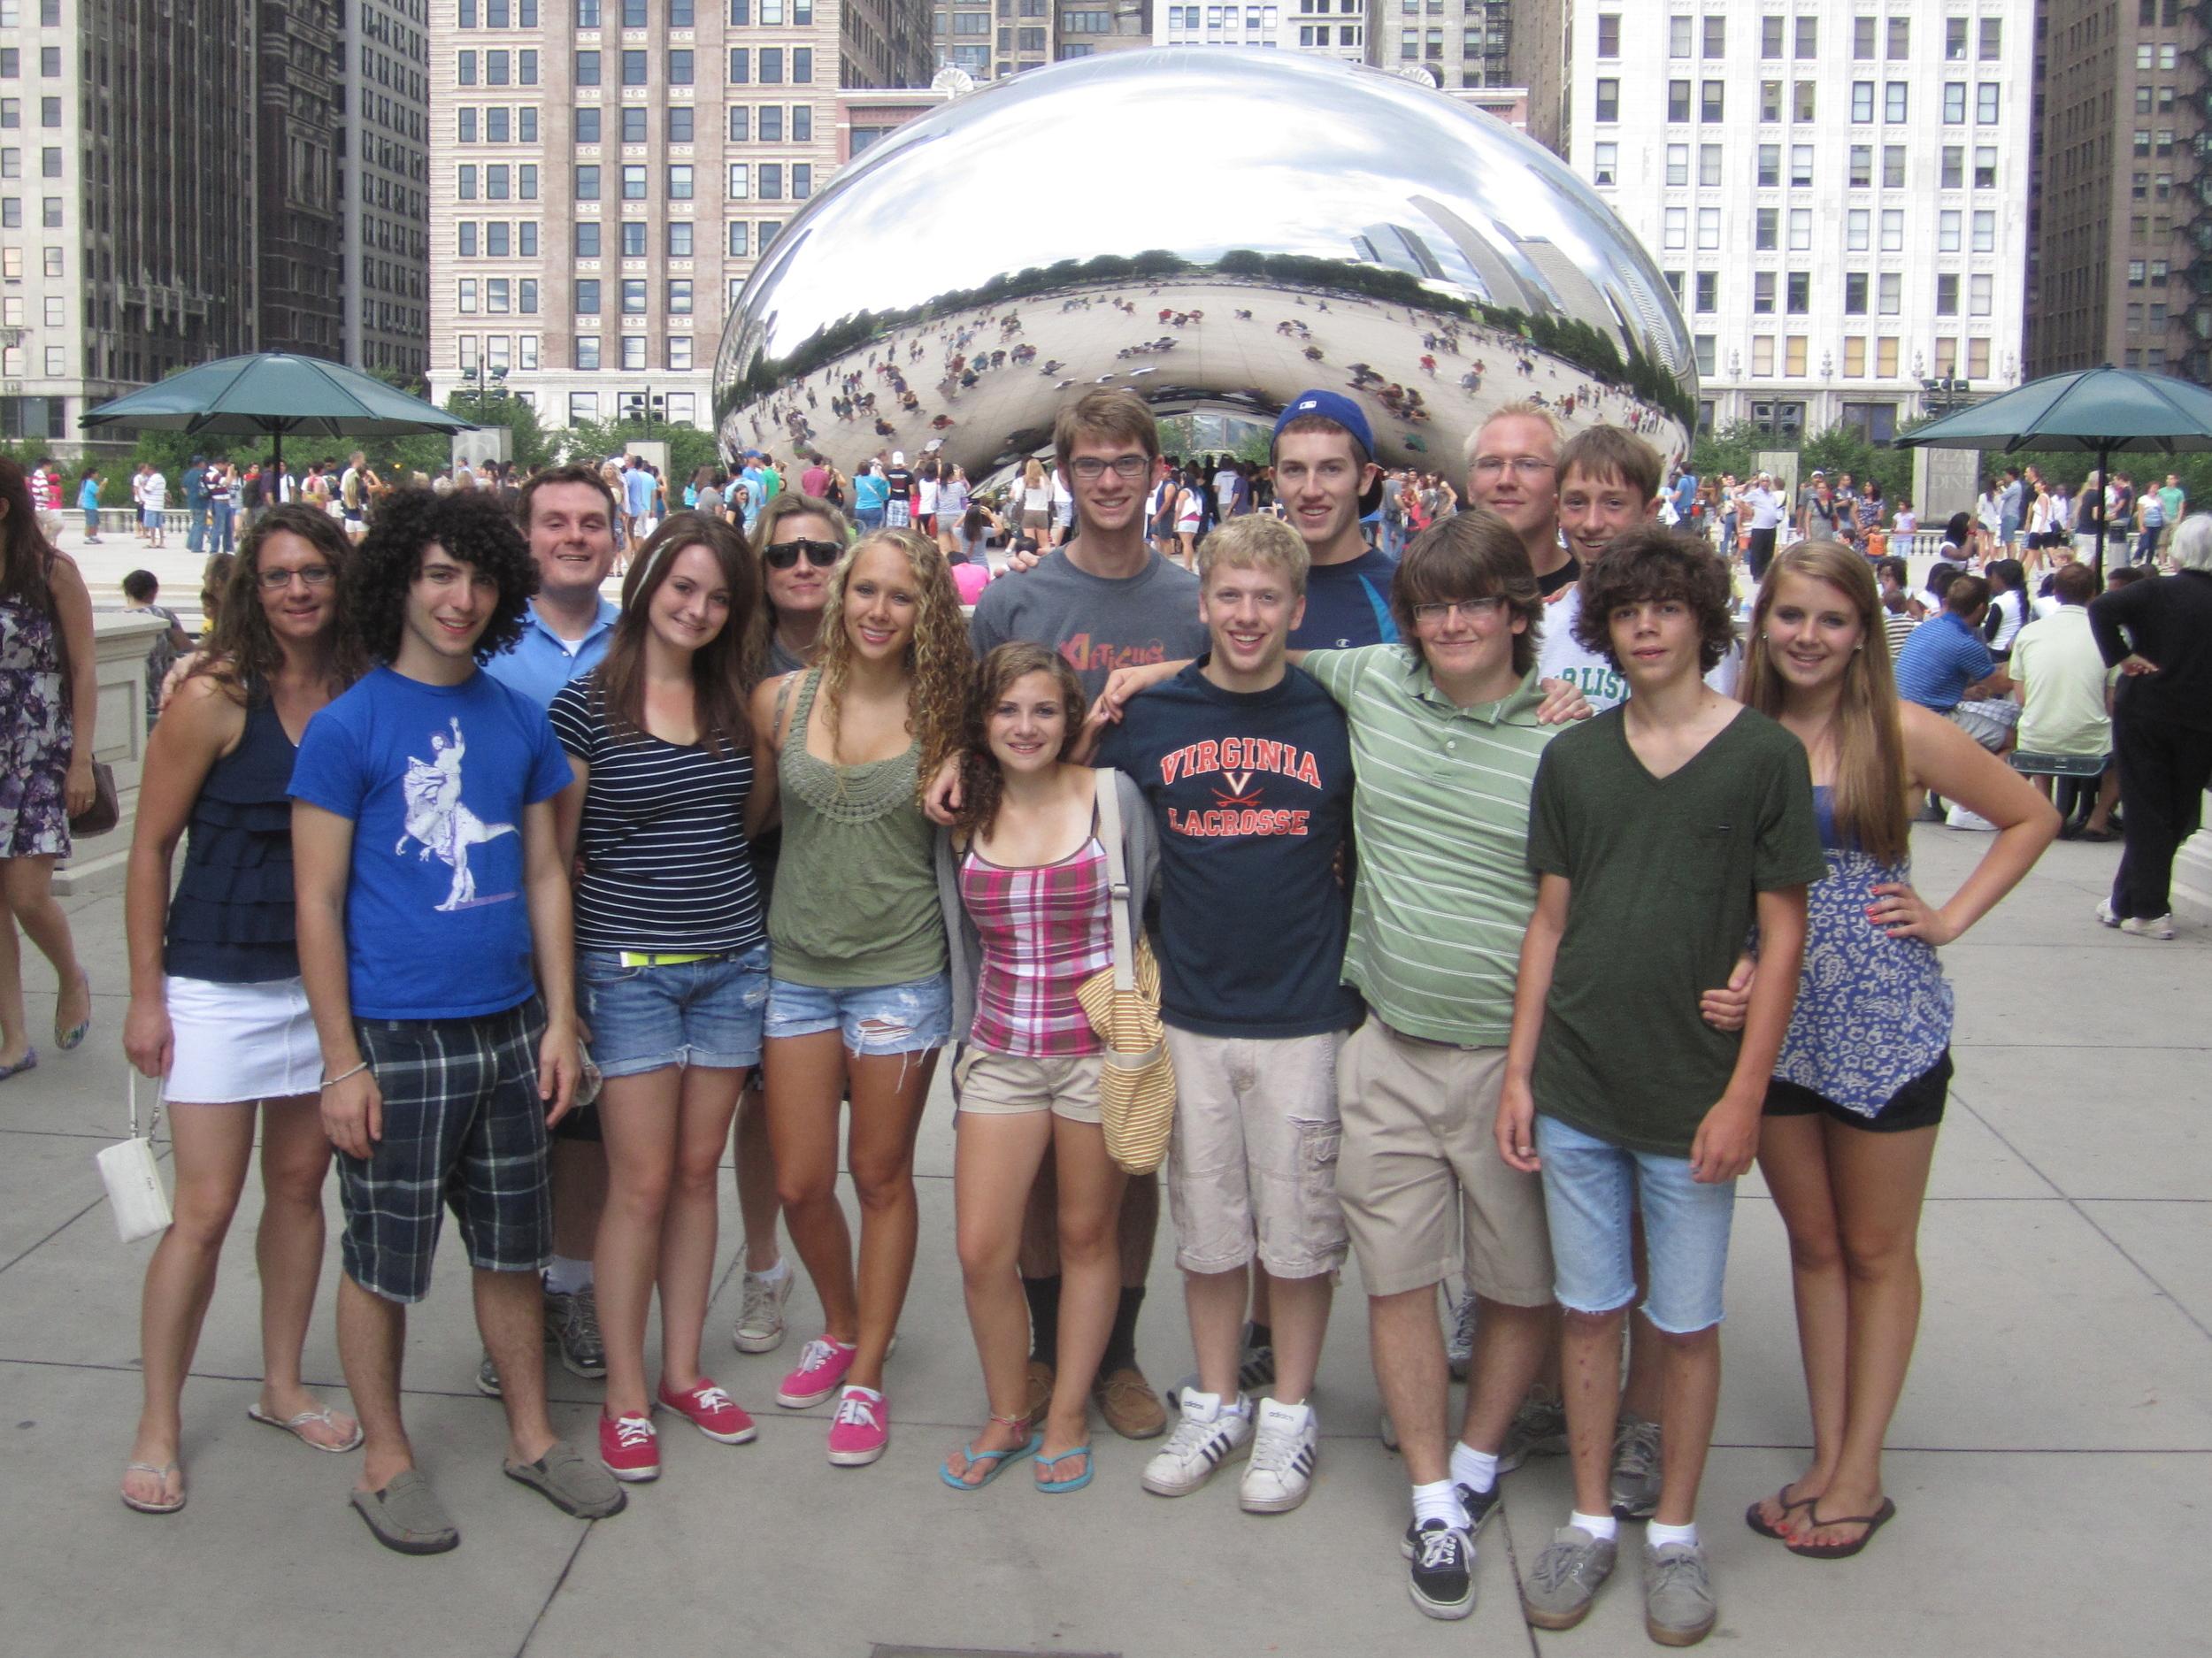 2011 Chicago Pics